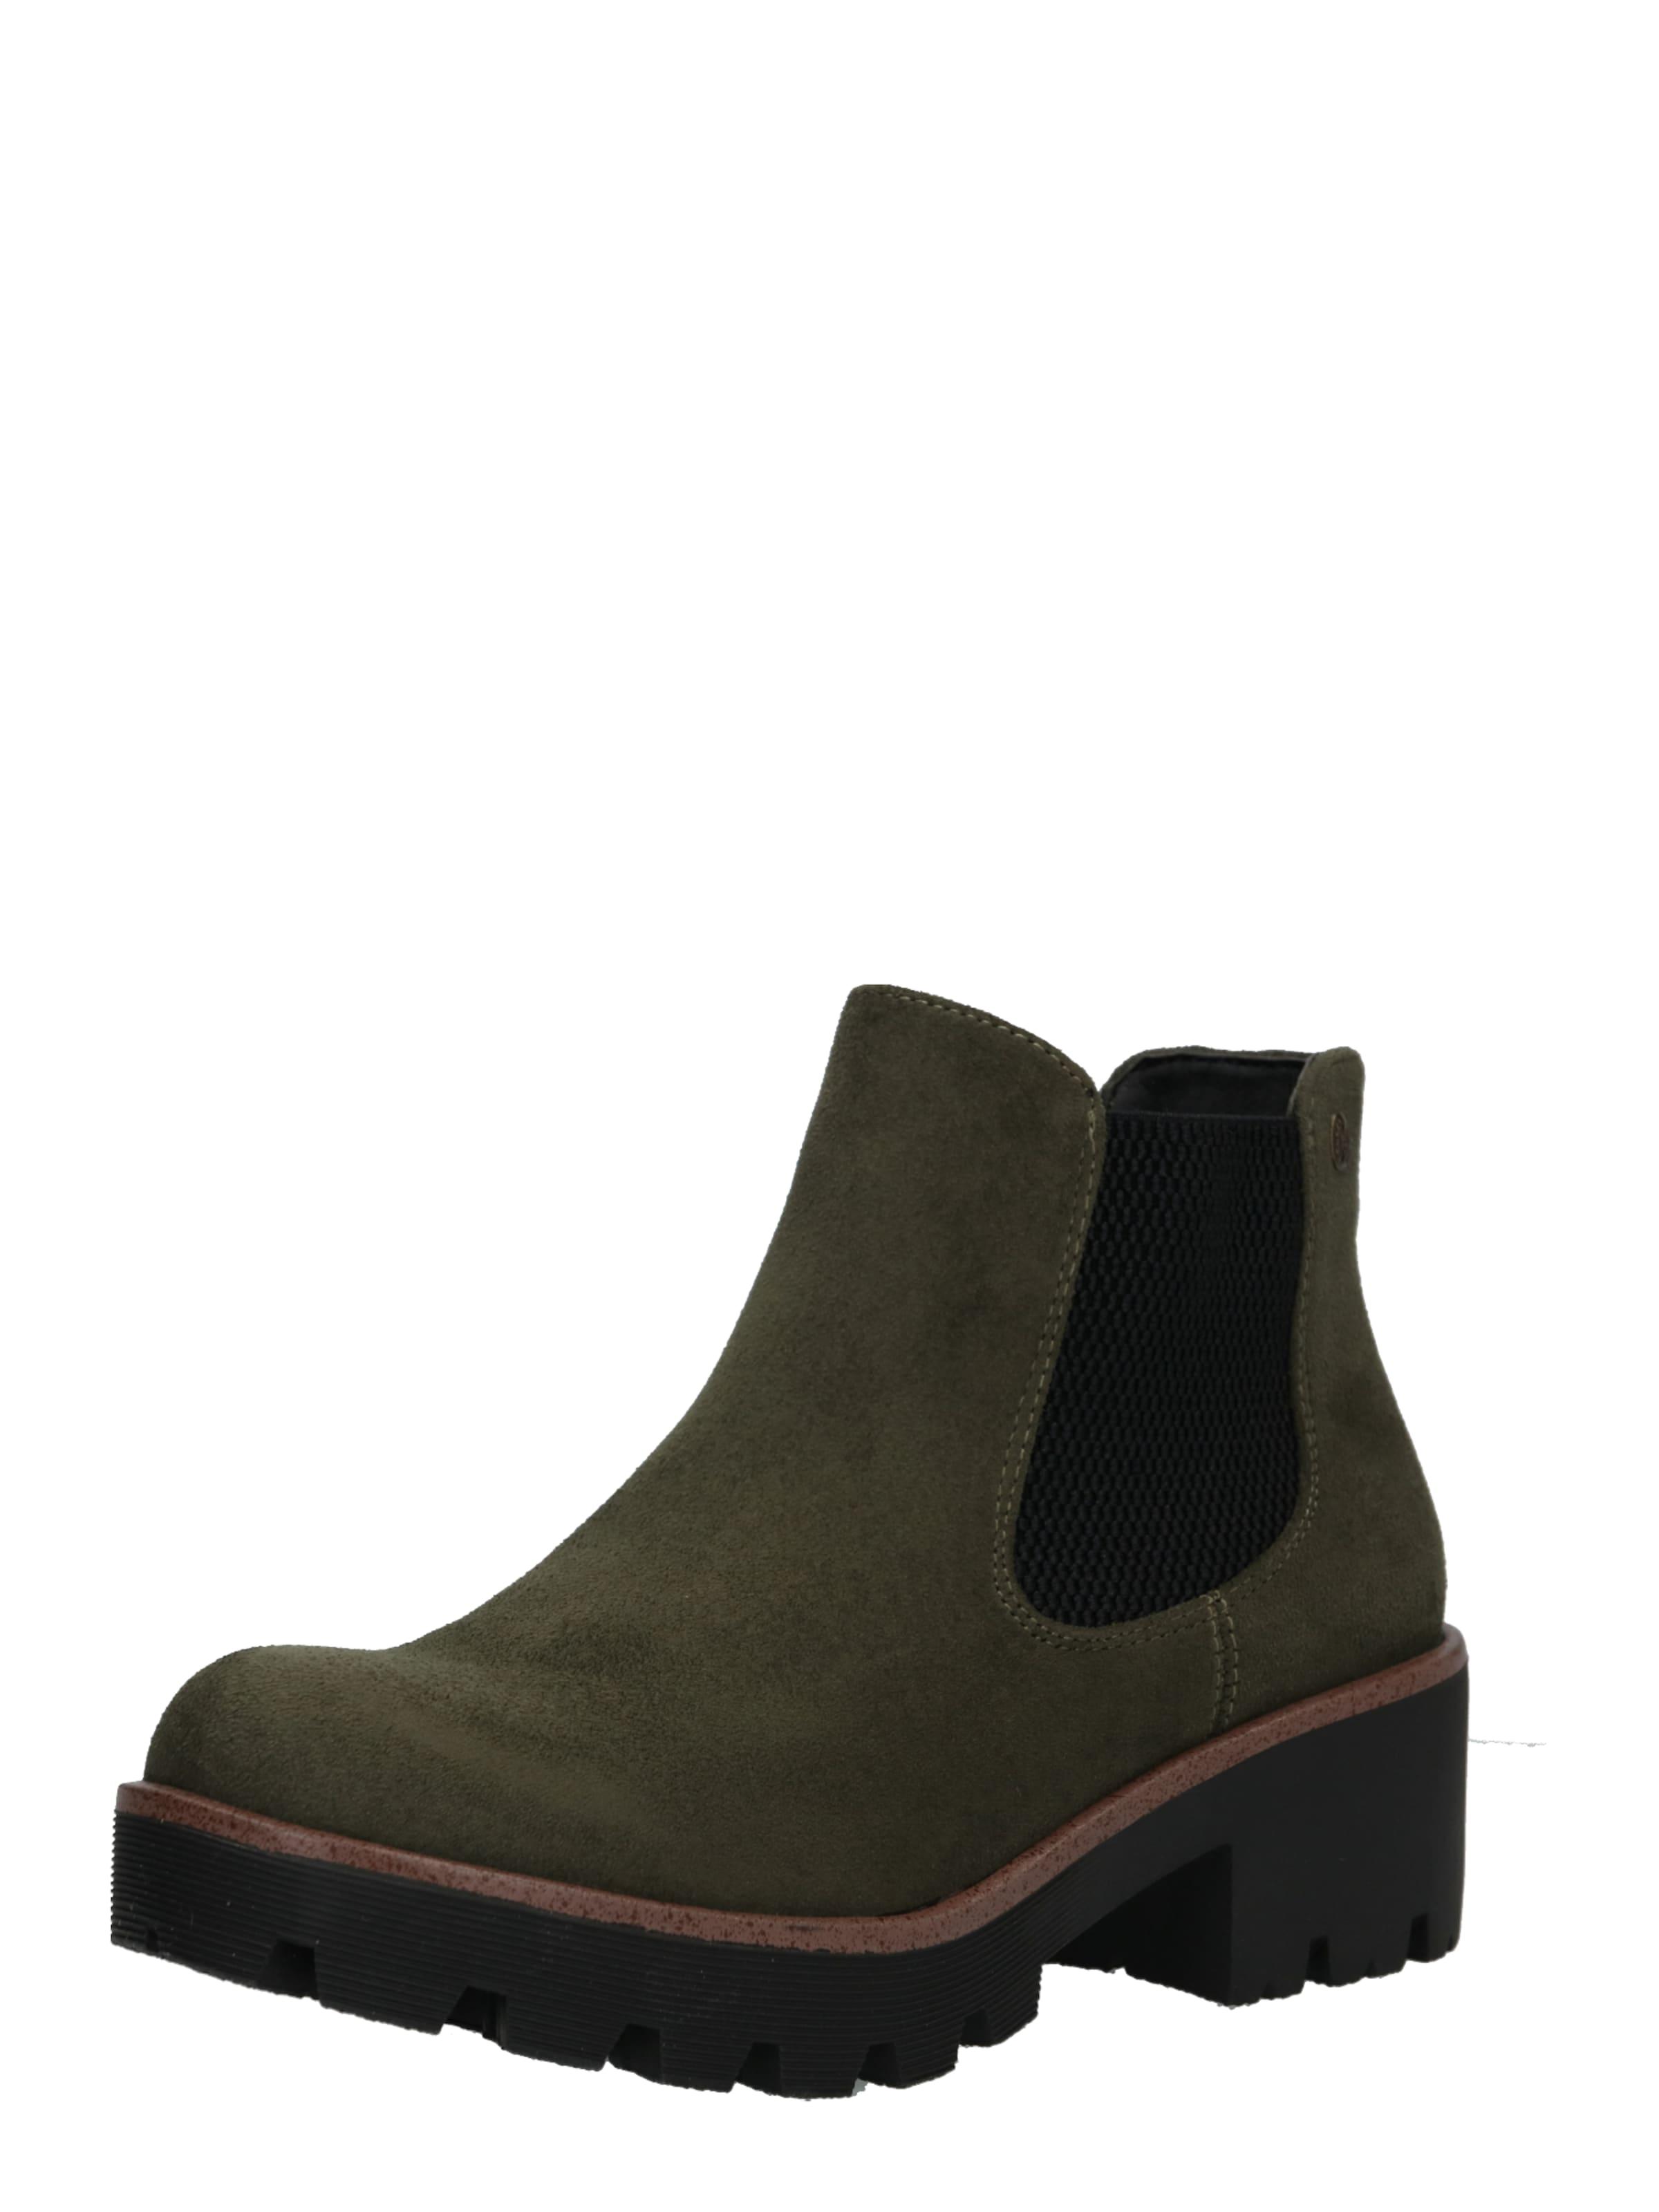 Olive Rieker Chelsea En Boots Rieker Rieker En Chelsea Olive En Chelsea Boots Boots wO8PnXNk0